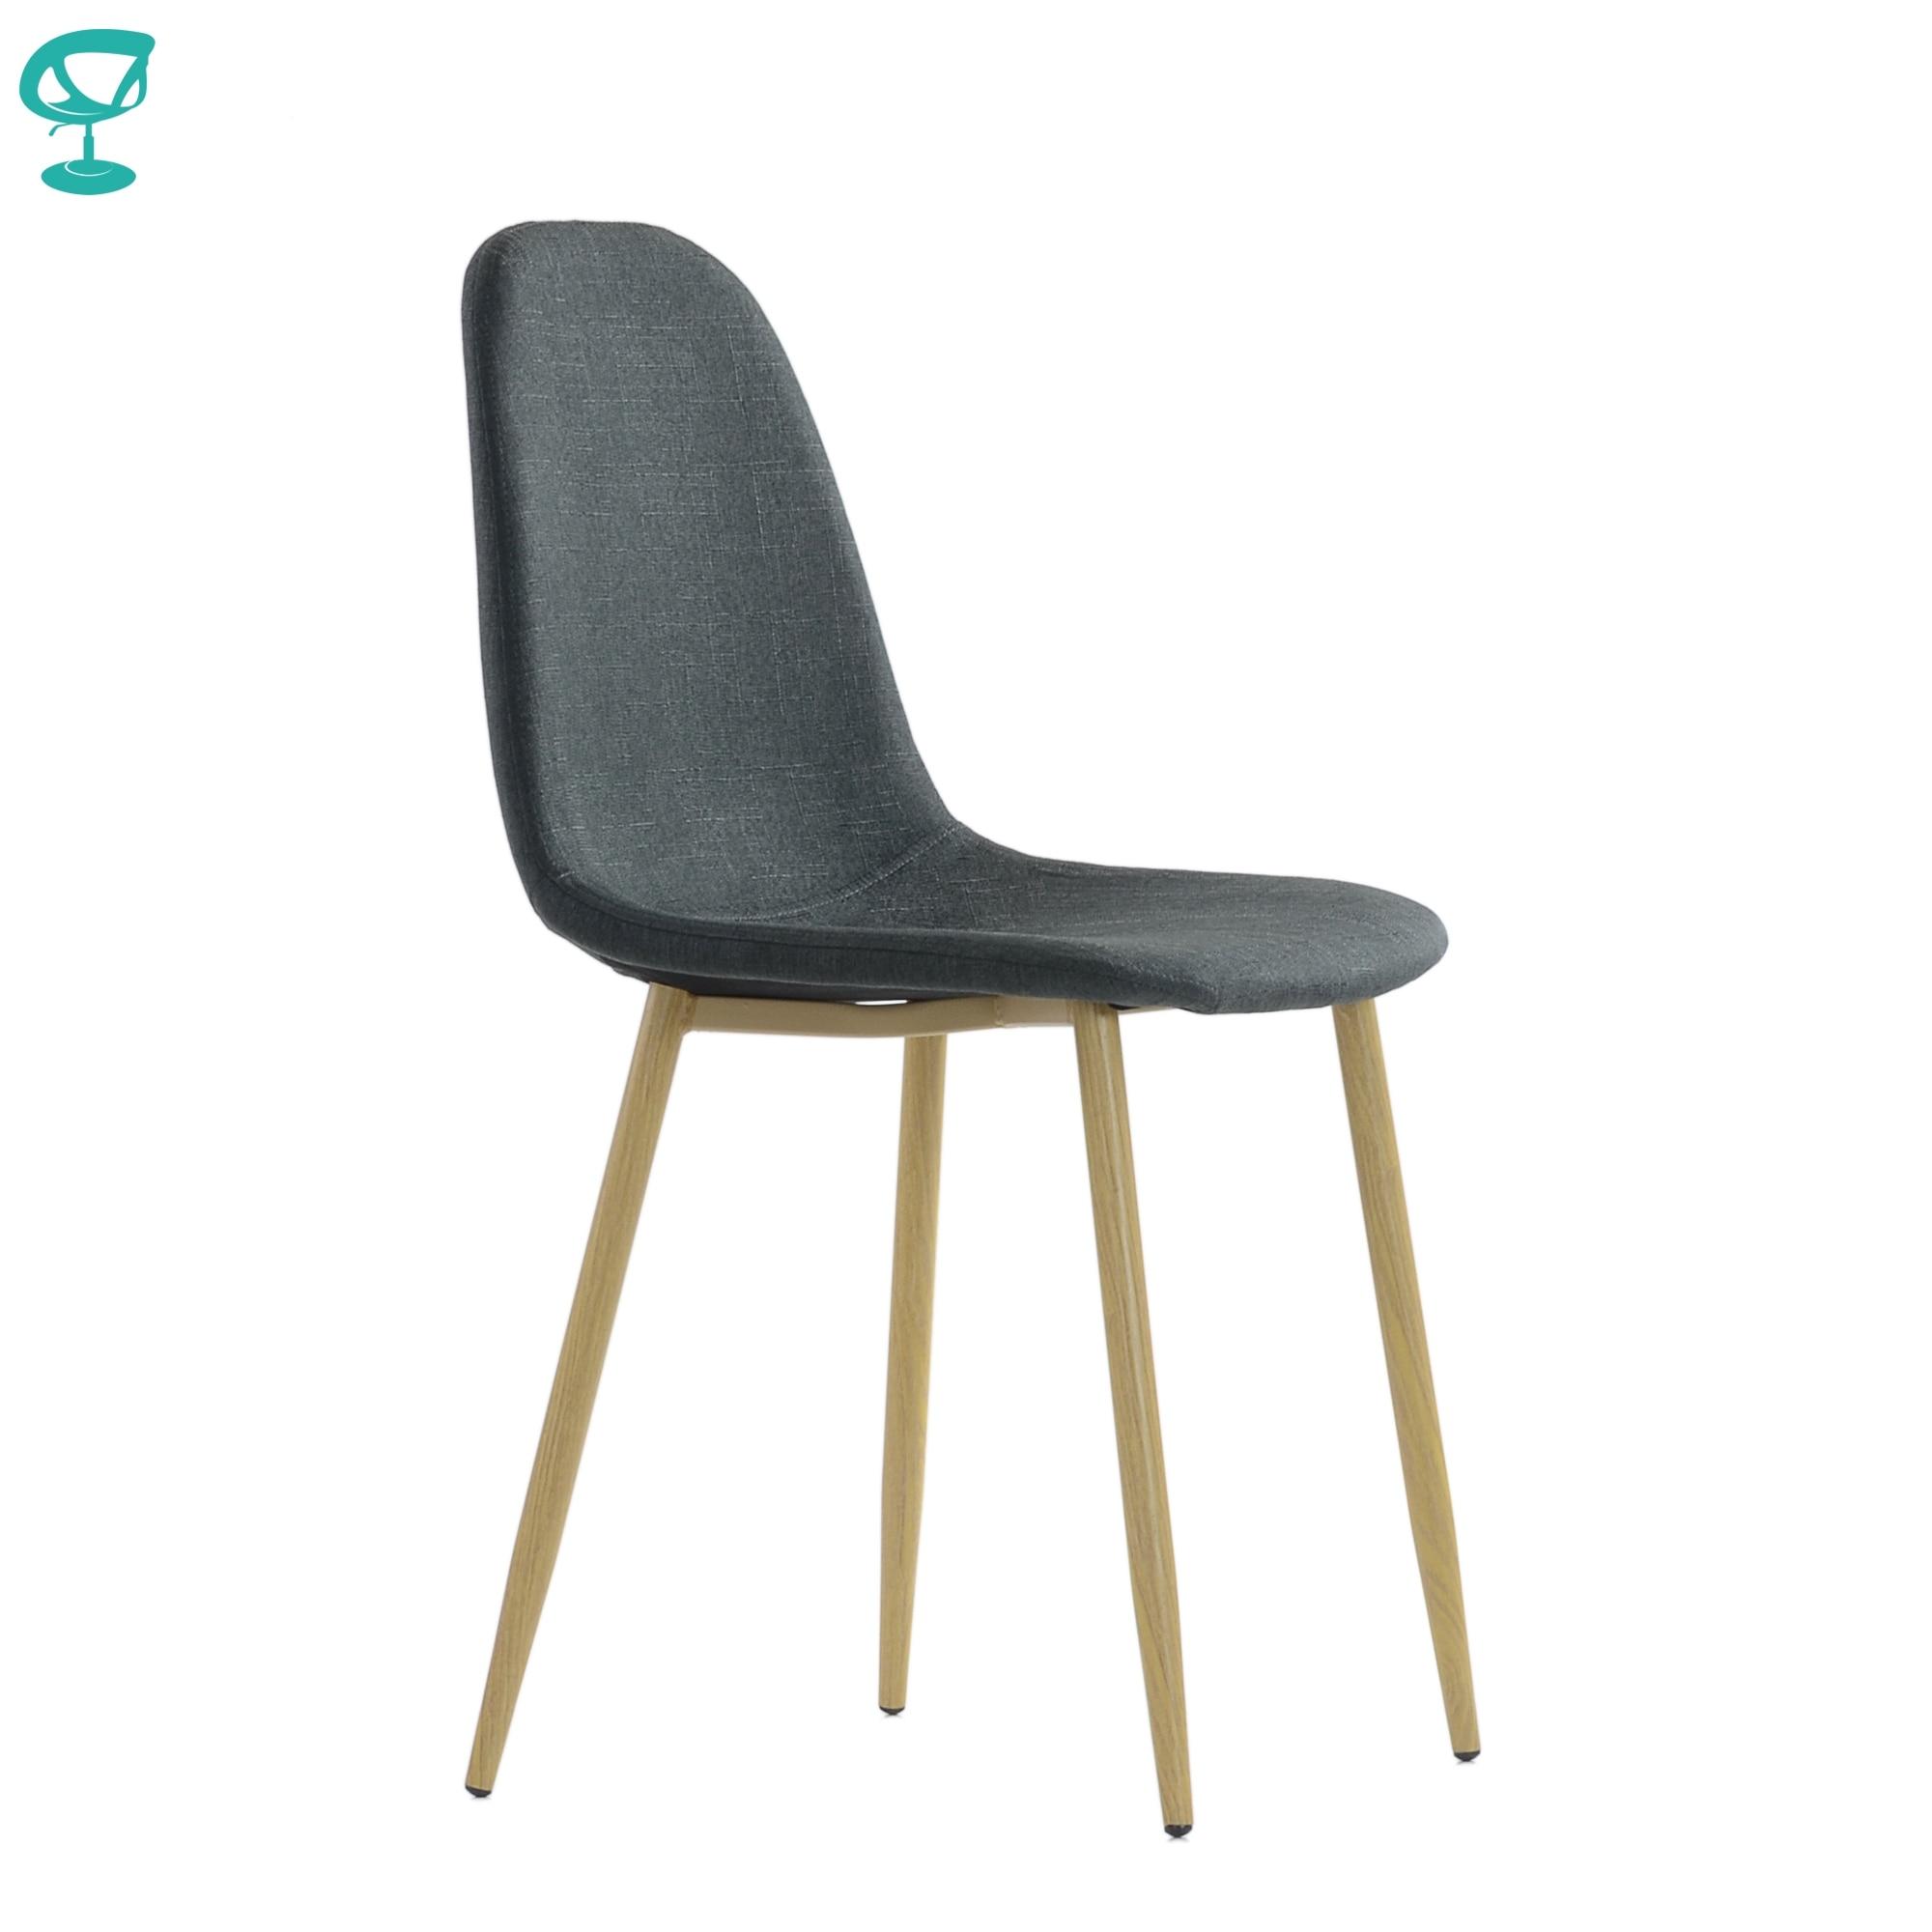 95744 barneo S-15 pernas cadeira de cozinha cadeira de metal assento de tecido cadeira para sala de estar cadeira de jantar cadeira de mesa móveis para cozinha